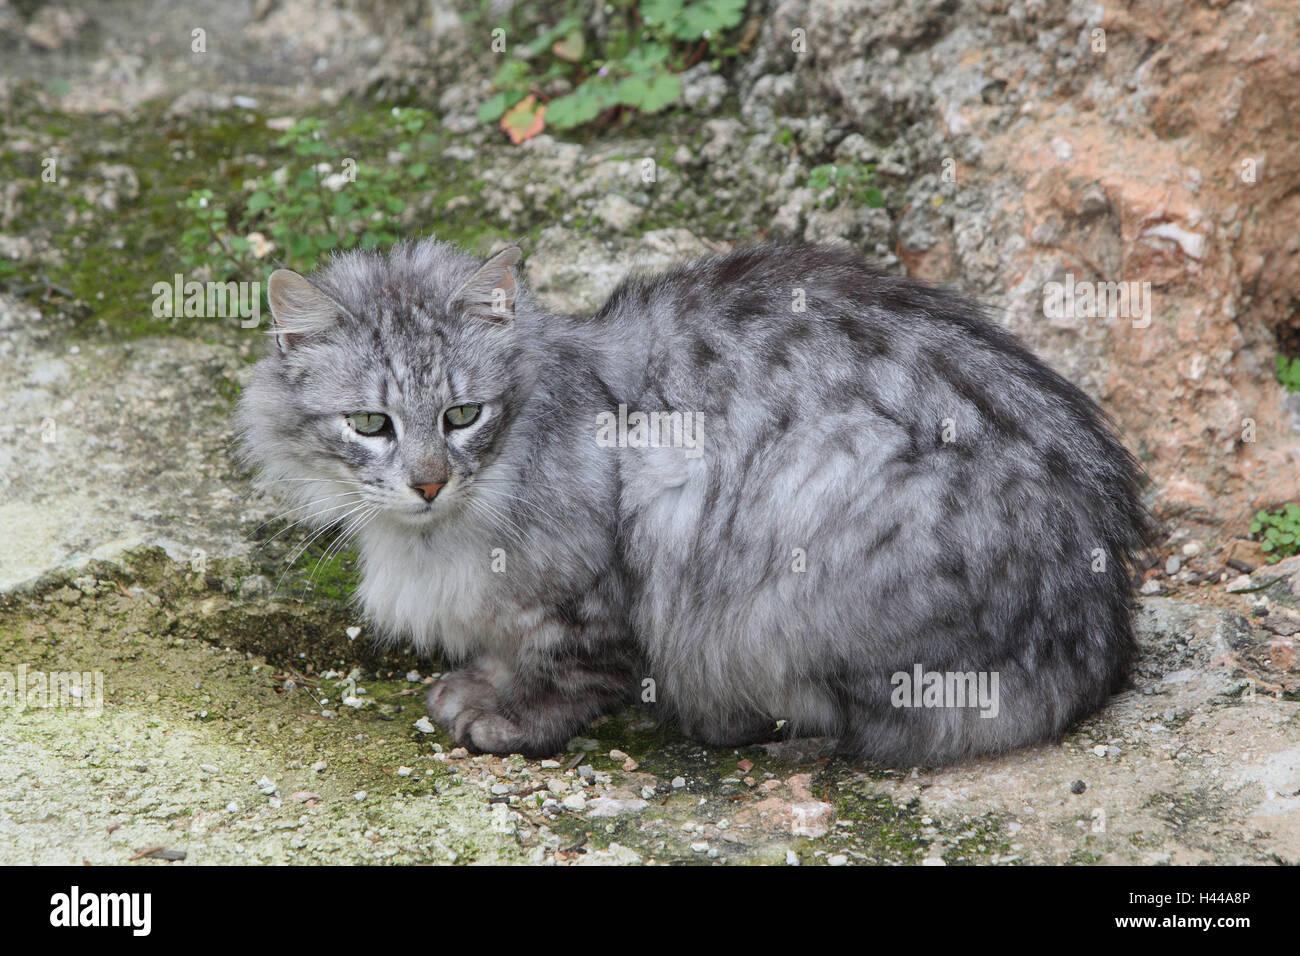 Los gatos, el pelo largo, gris, con rayas, Crouch, animales, mamíferos, mascotas, gatos pequeños, Felidae, Imagen De Stock